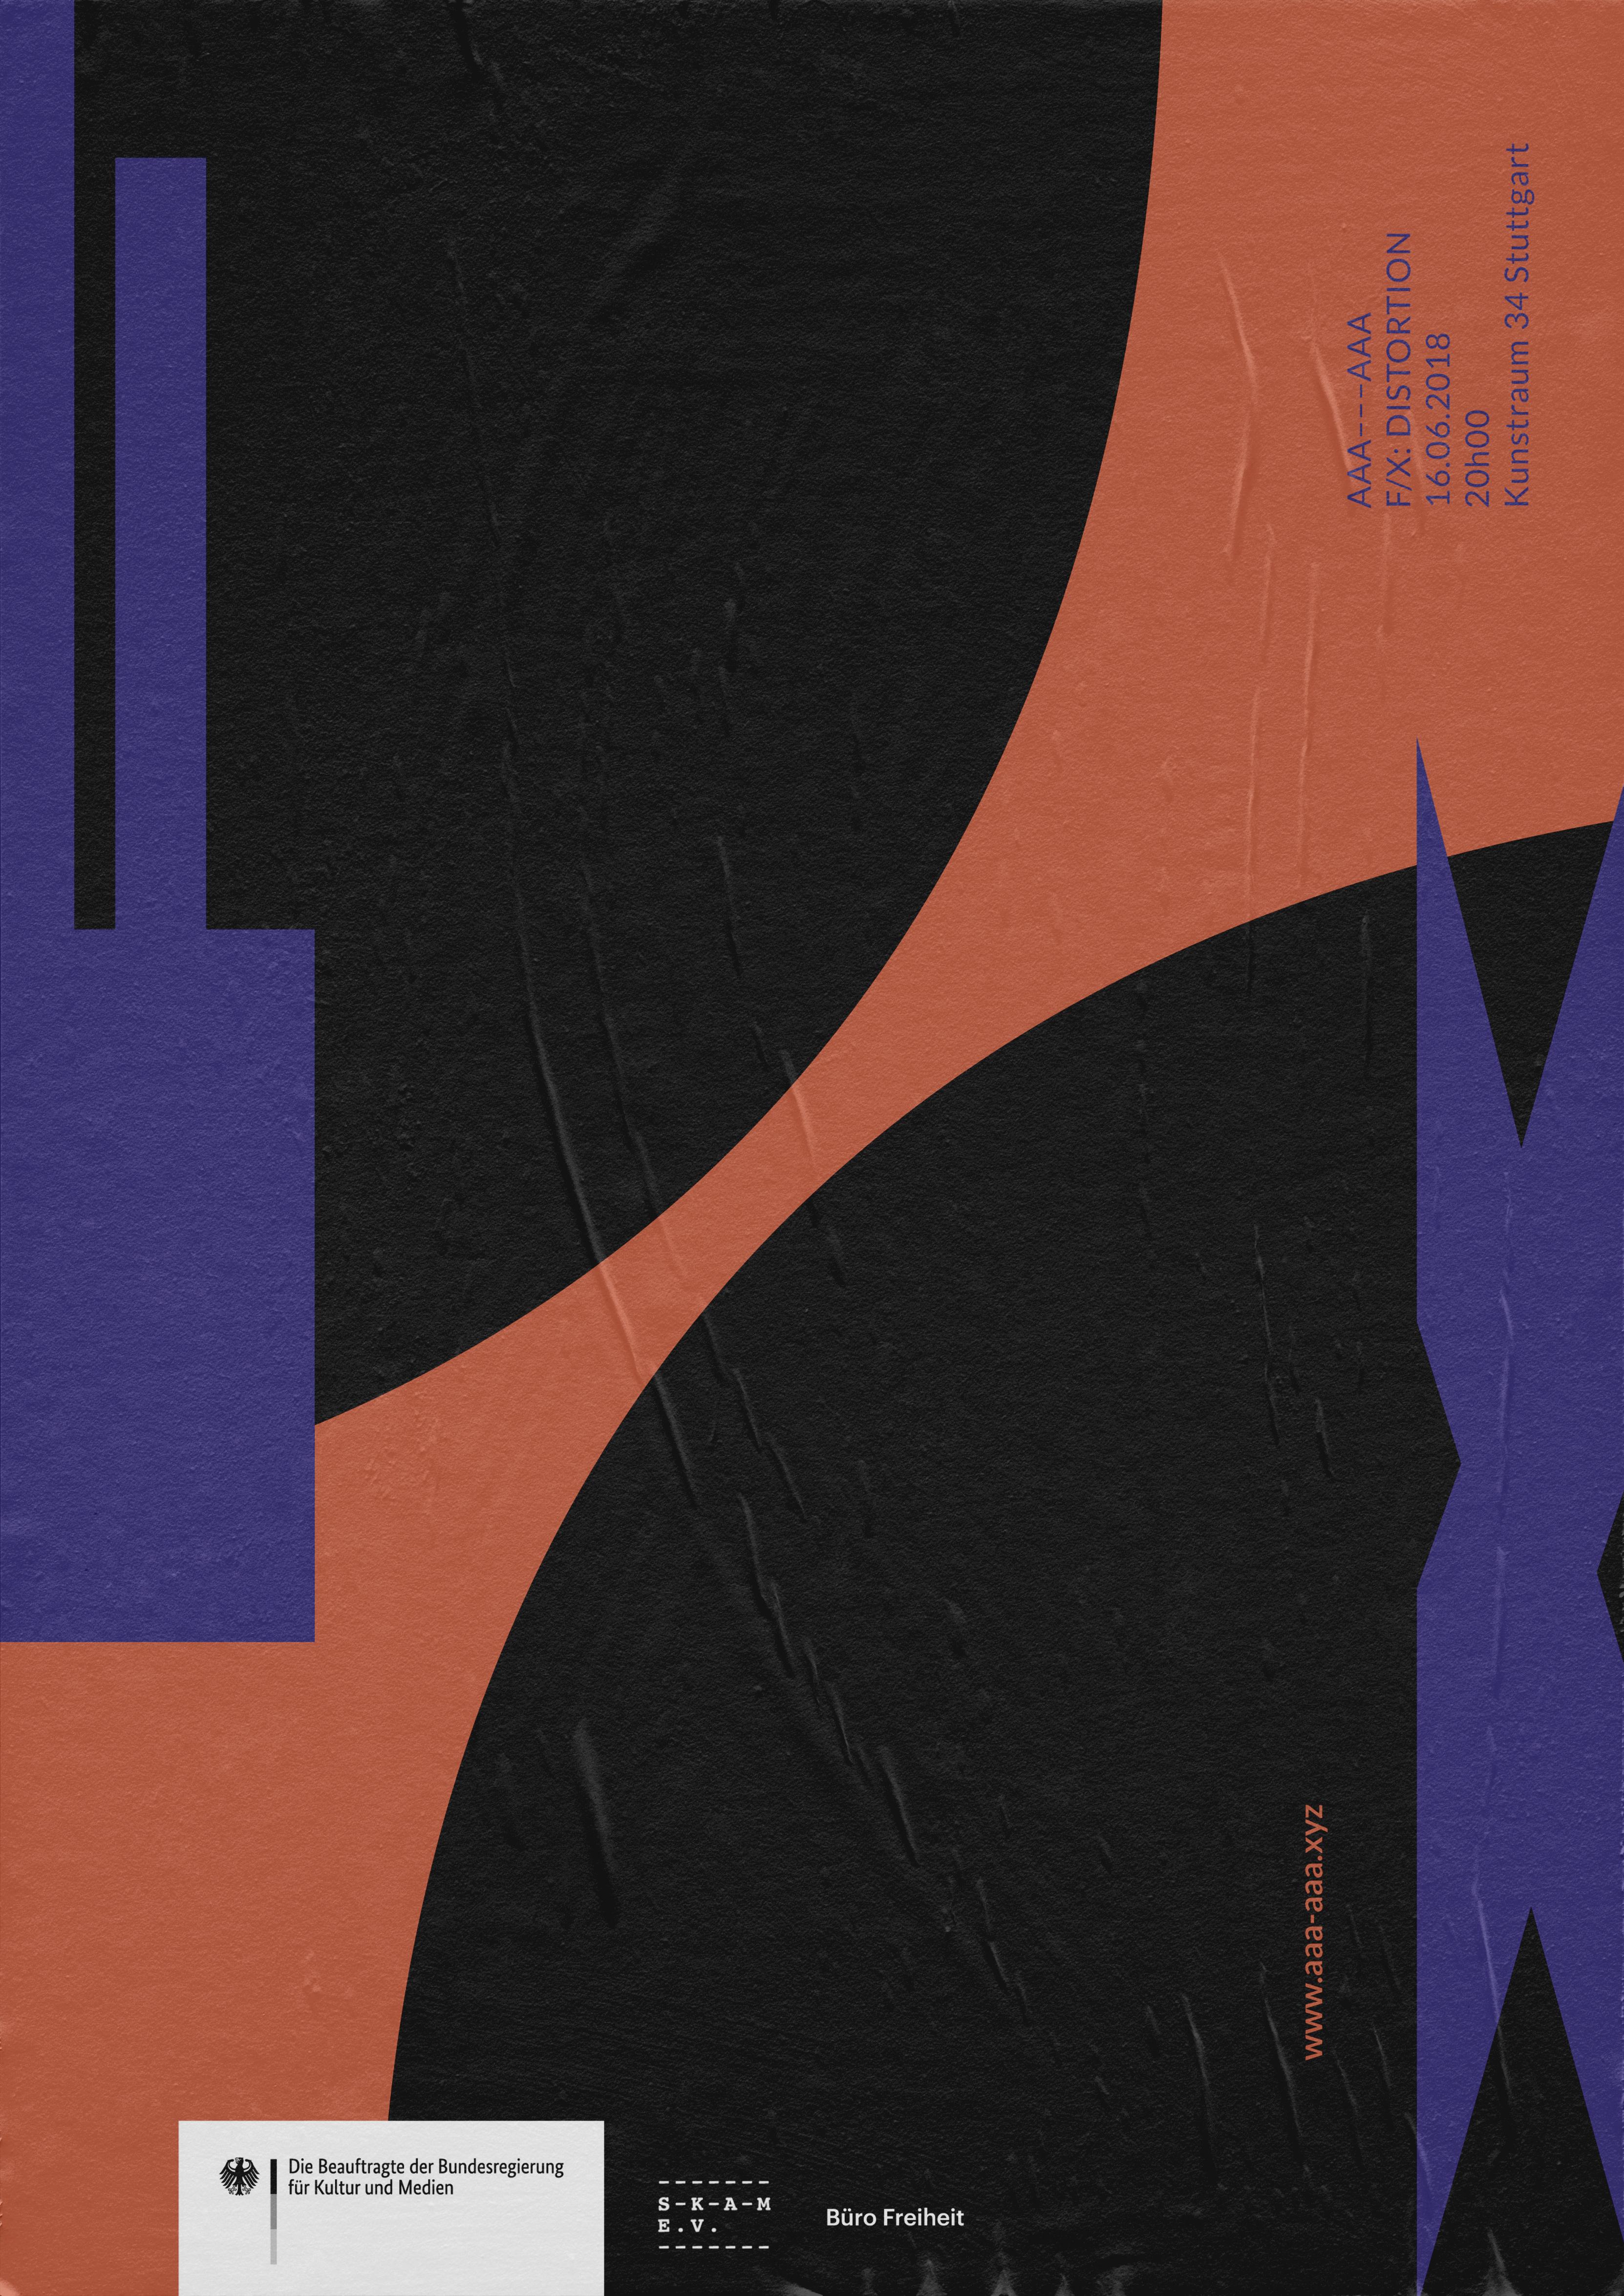 Buero_Freiheit_AAA---AAA_Poster_Kampagne_FX_Reihe_Distorsion4 FX Distorsion Poster